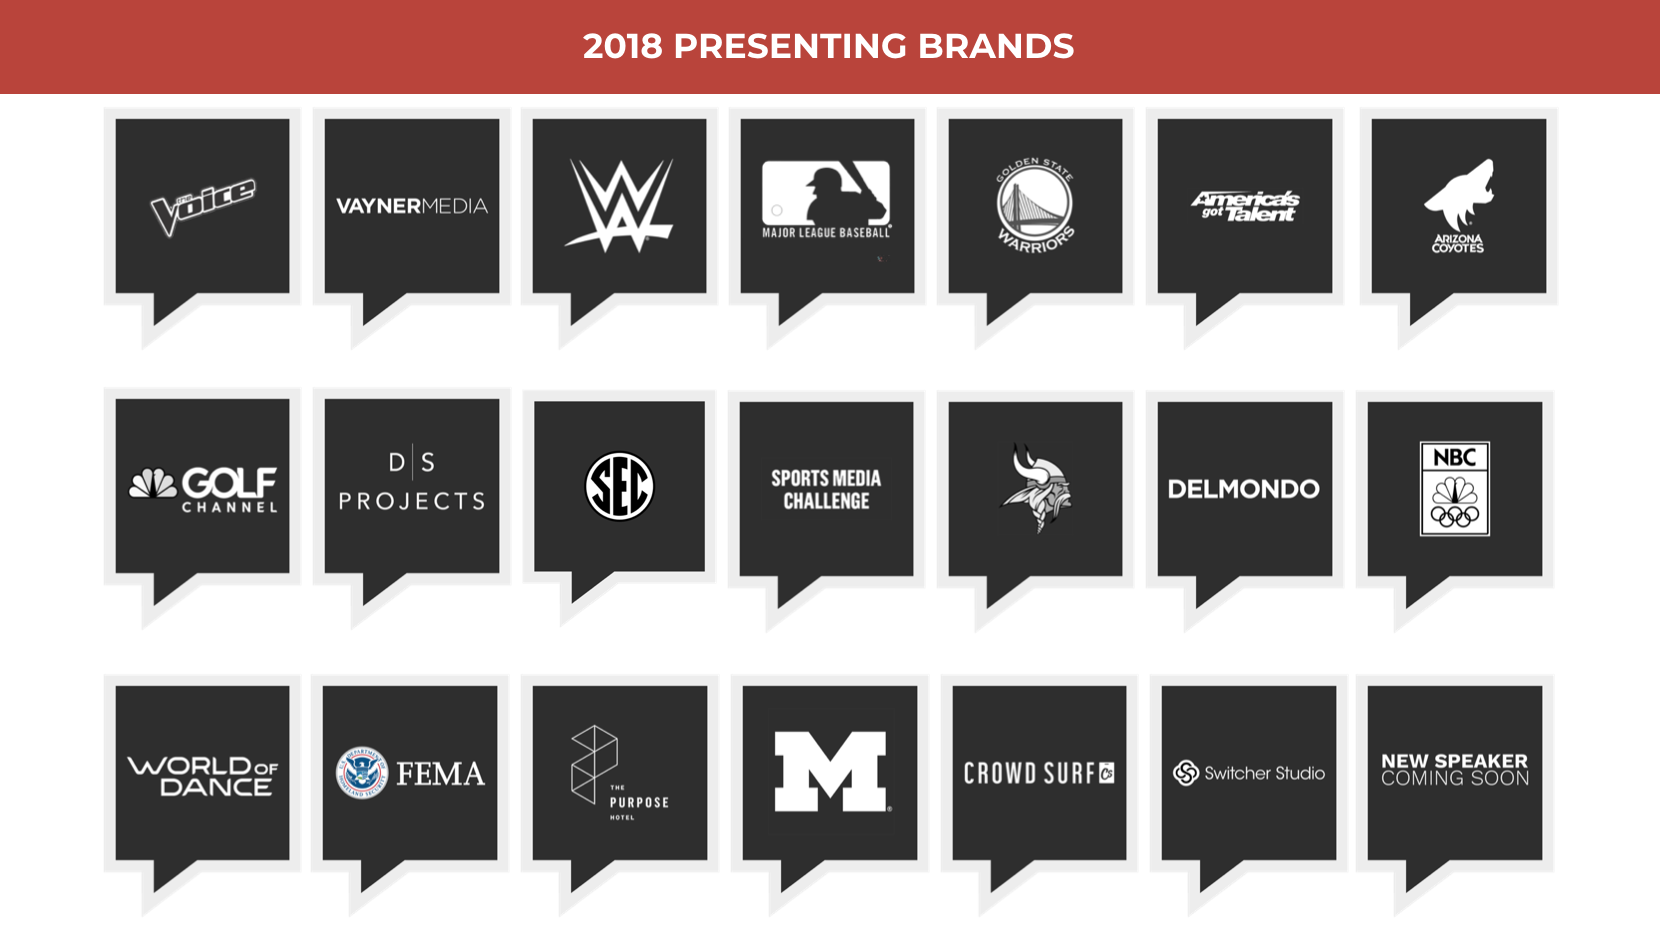 2018 Presenting Brands